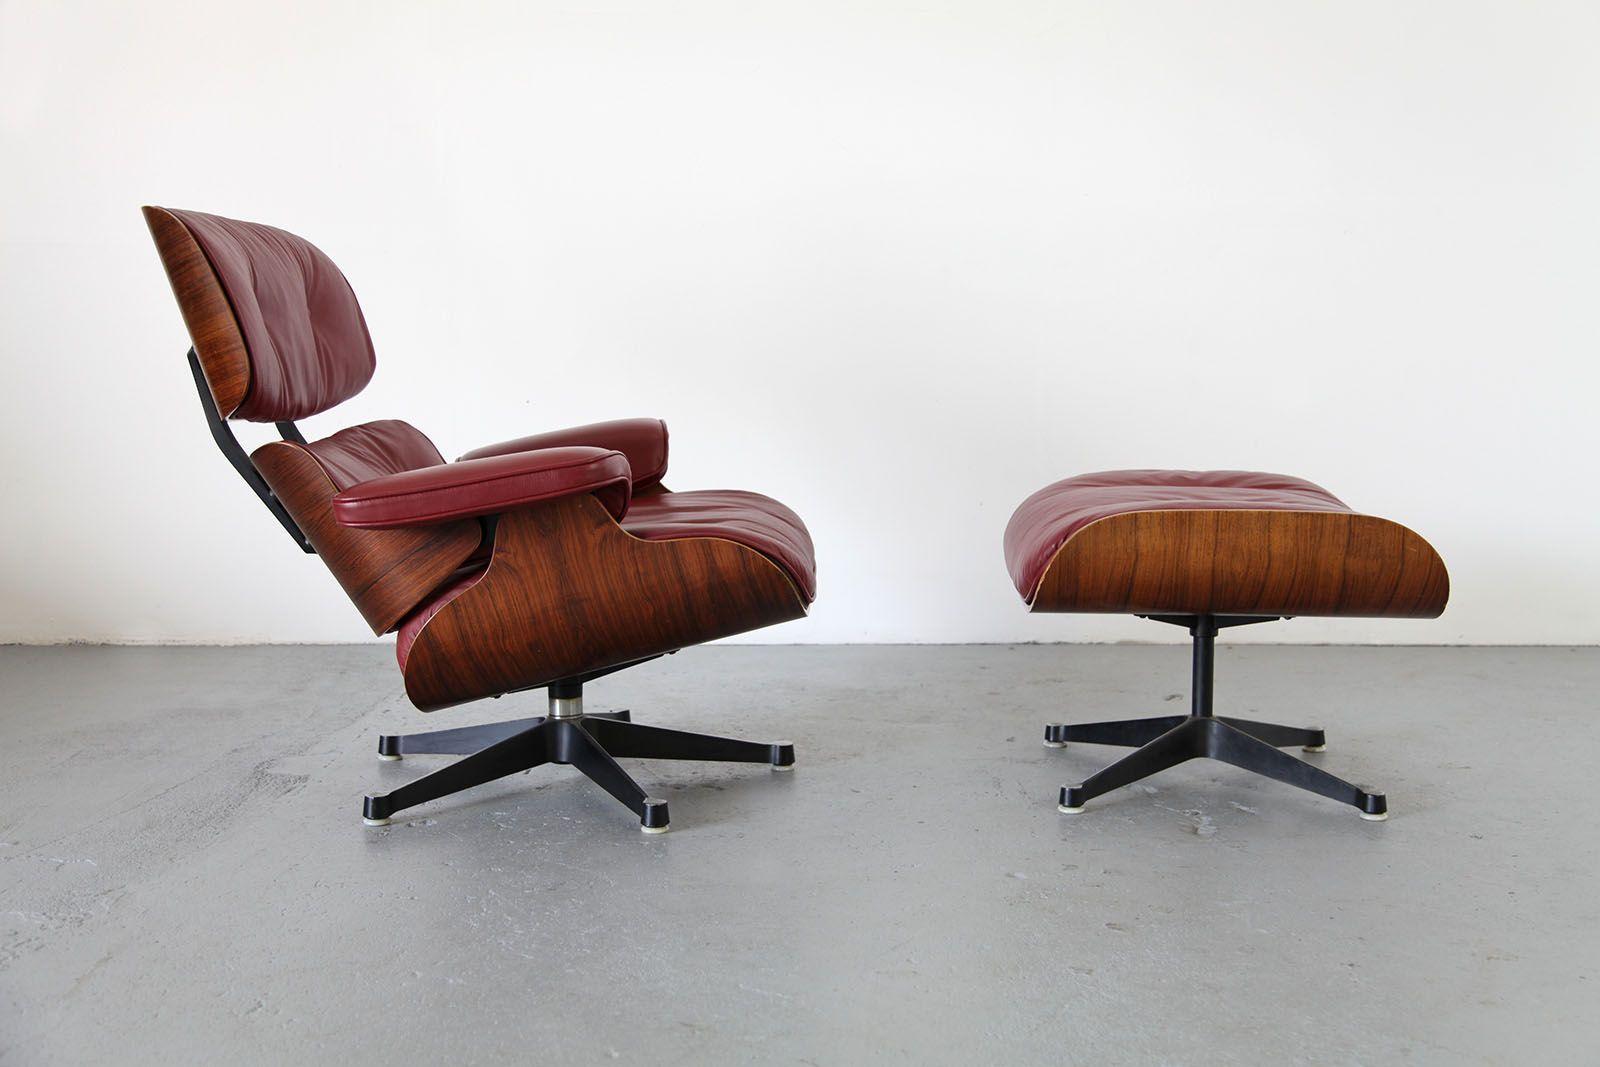 drehsessel fu hocker von ray charles eames f r herman miller 1950er 2er set bei pamono kaufen. Black Bedroom Furniture Sets. Home Design Ideas